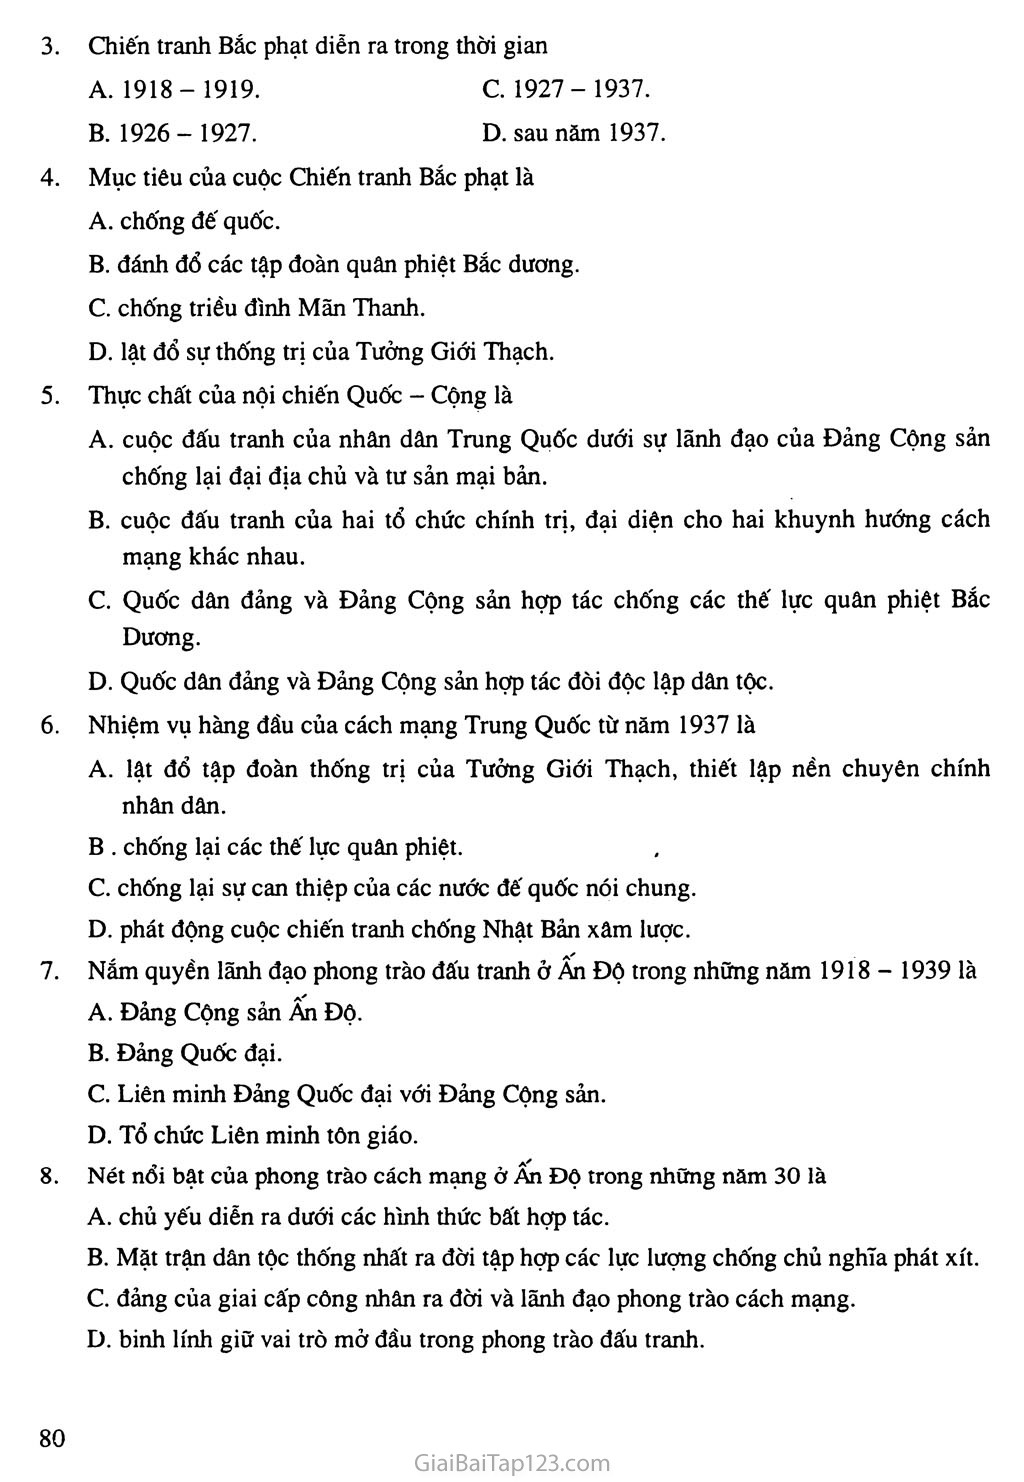 Bài 15: Phong trào cách mạng ở Trung Quốc và Ấn Độ (1918 - 1939) trang 6